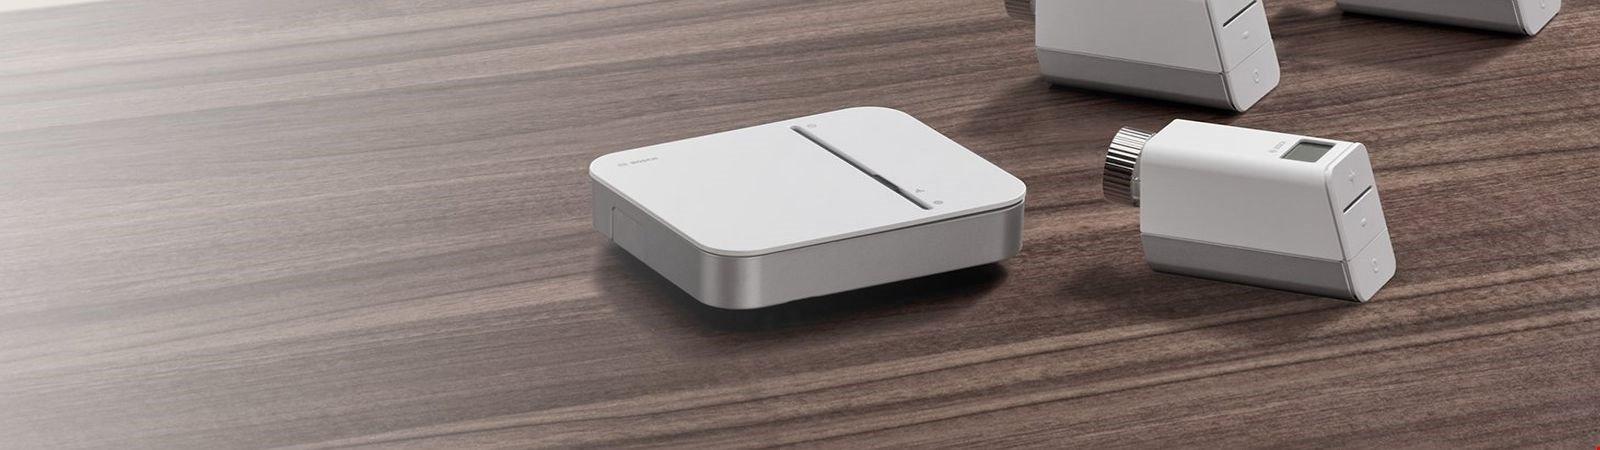 Smart-Home-Geräte: Heizung und mehr intelligent steuern und Energie sparen